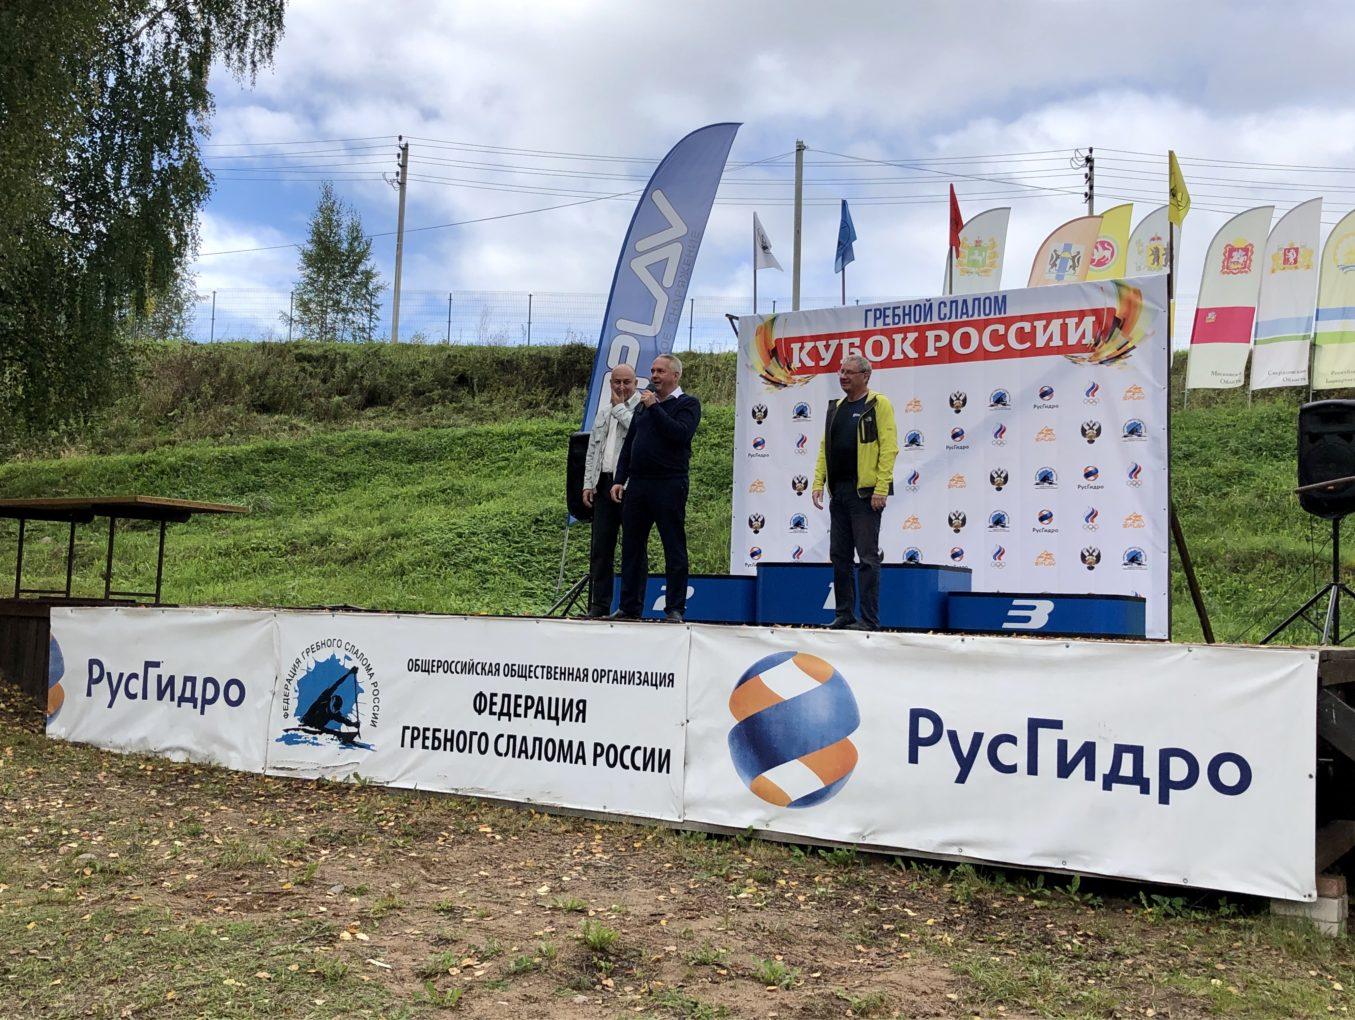 Кубок России торжественно открыли руководили региона и ФГСР